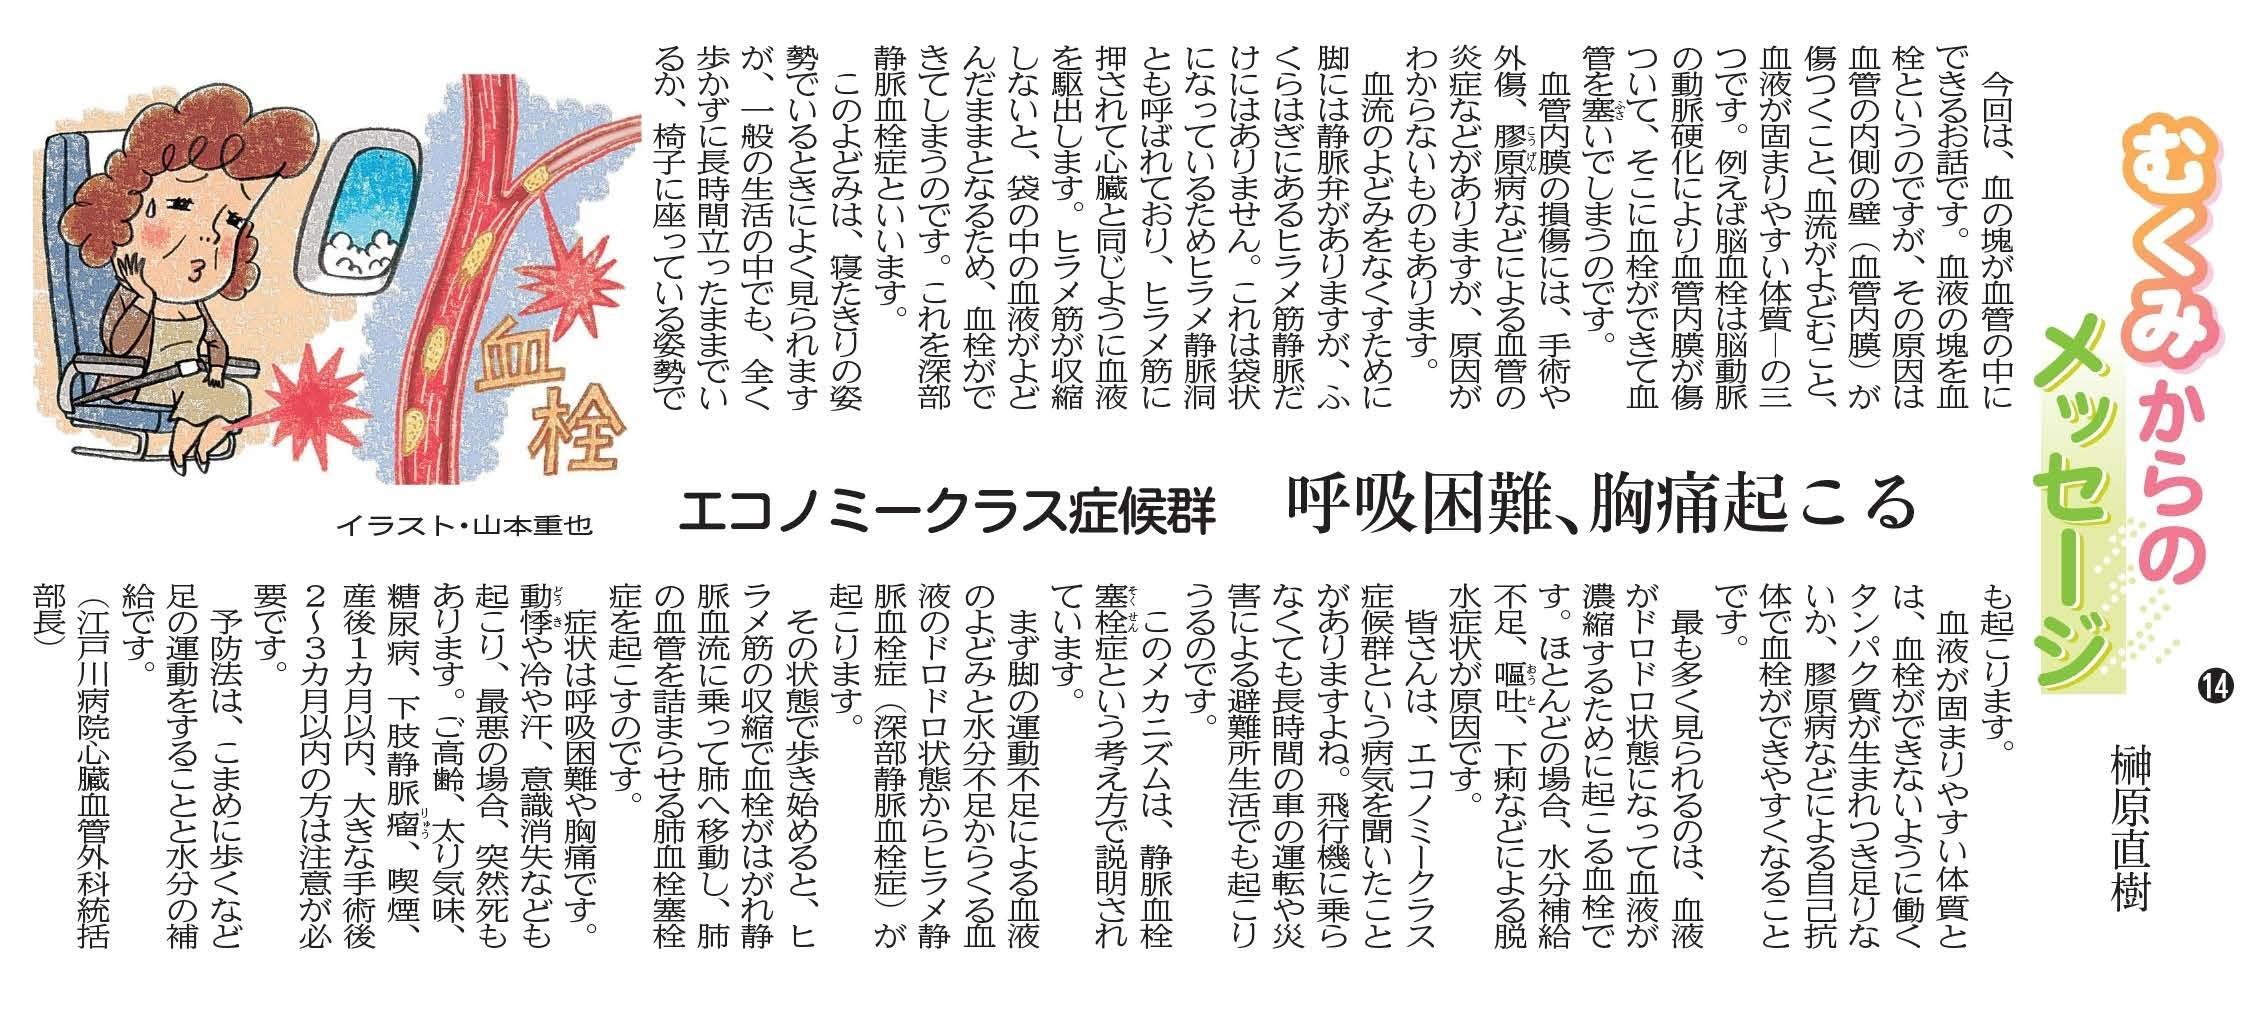 北国新聞 0151120